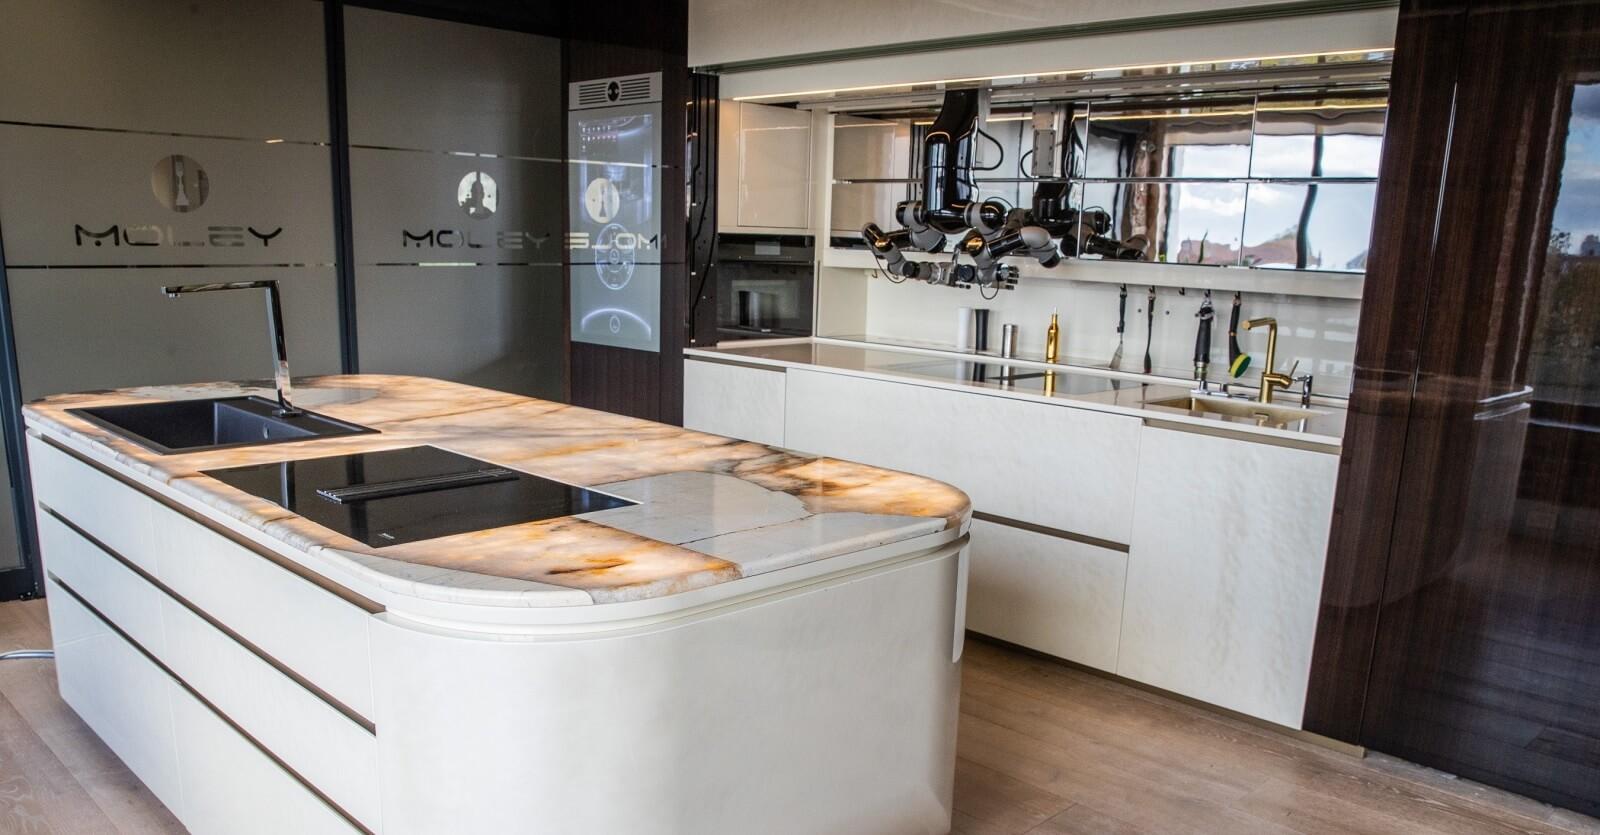 moley robotic kitchen ces 2021 2